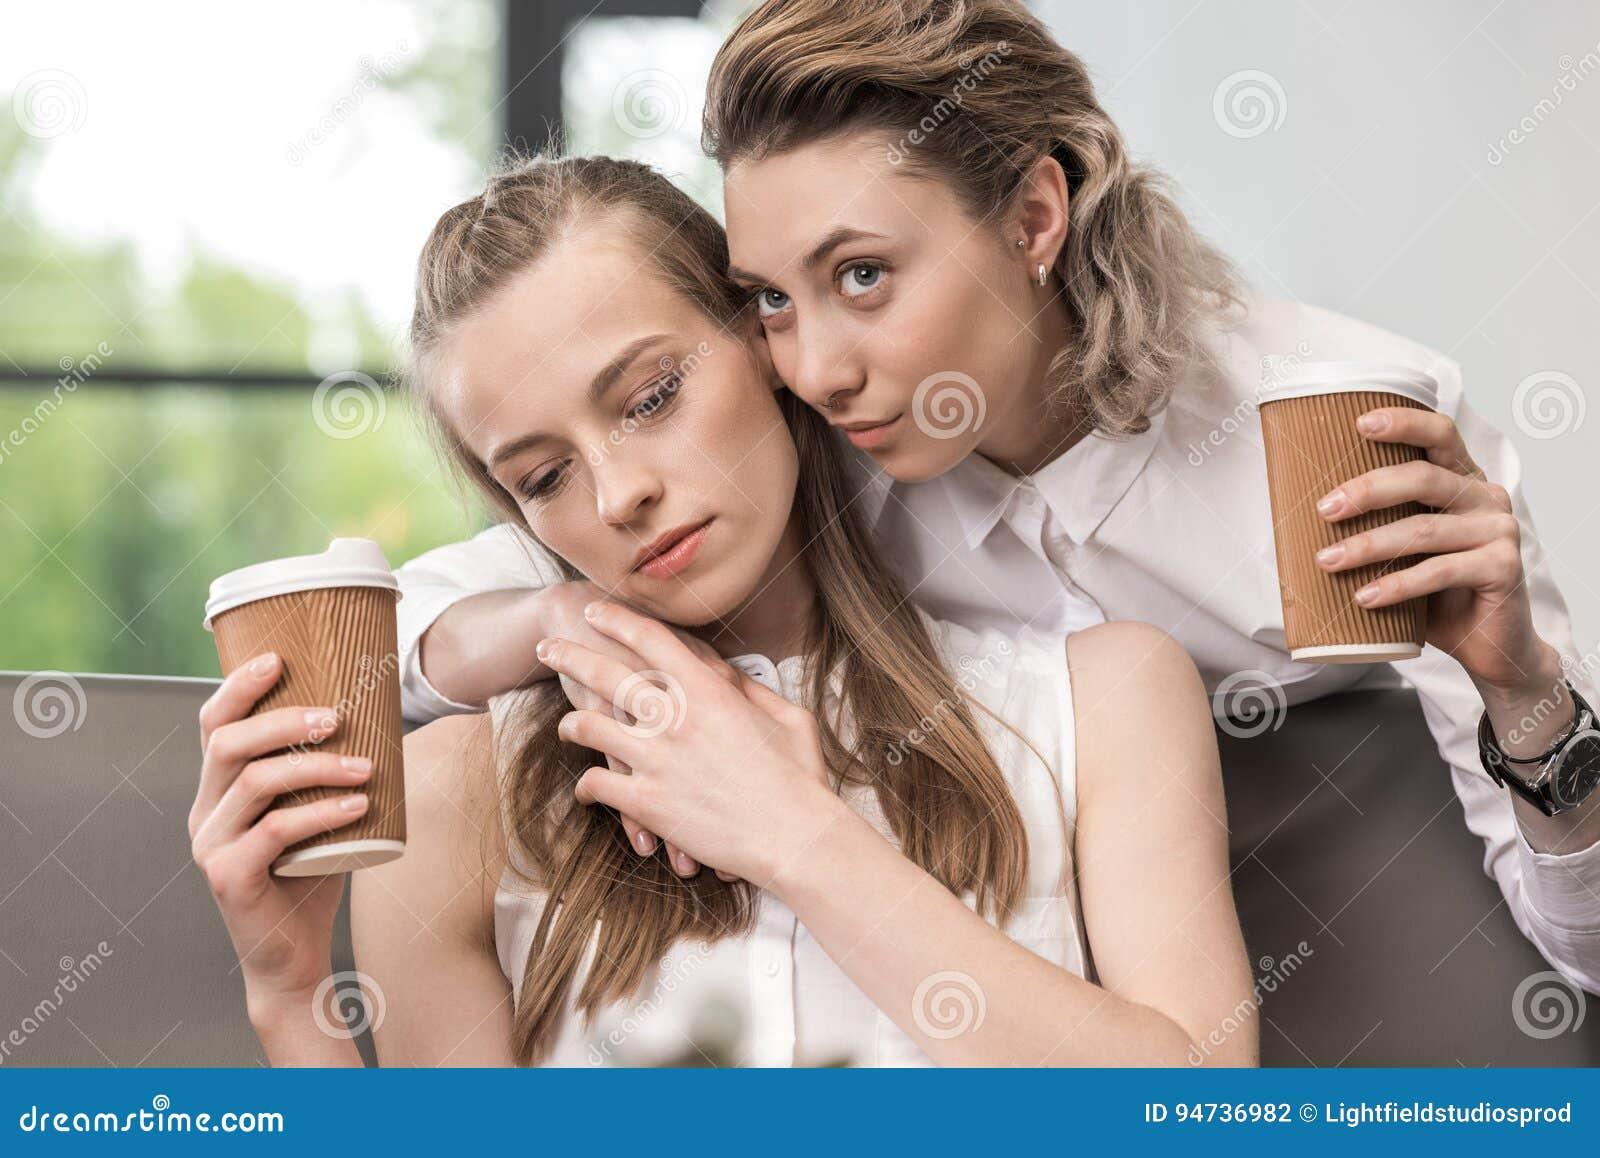 Ung svart tonåring lesbisk